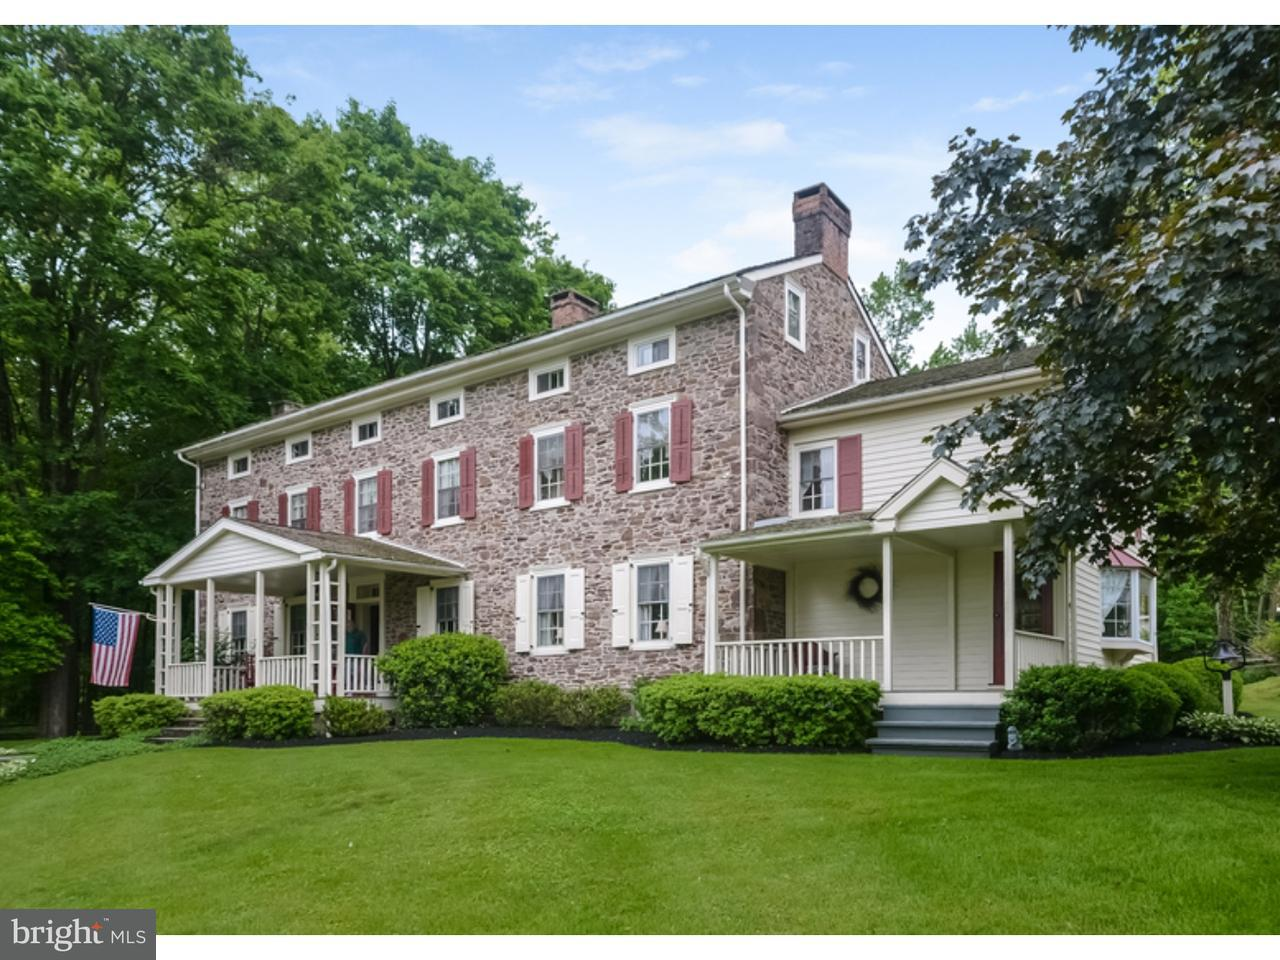 Частный односемейный дом для того Продажа на 1500 SACKETTSFORD Road Ivyland, Пенсильвания 18974 Соединенные Штаты